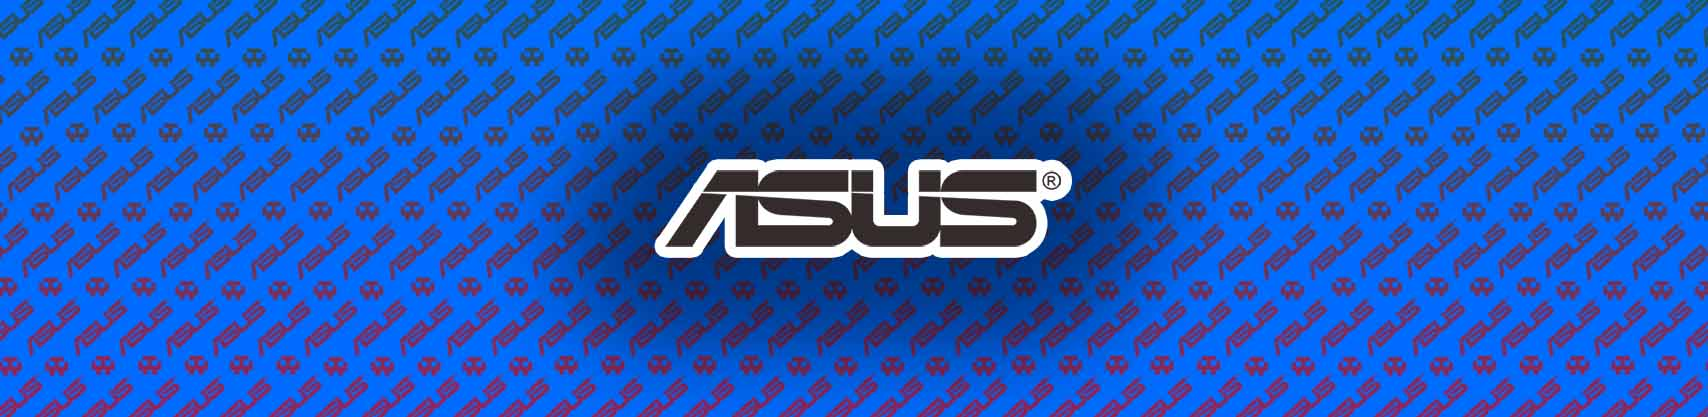 Asus RT-AC88U Manual